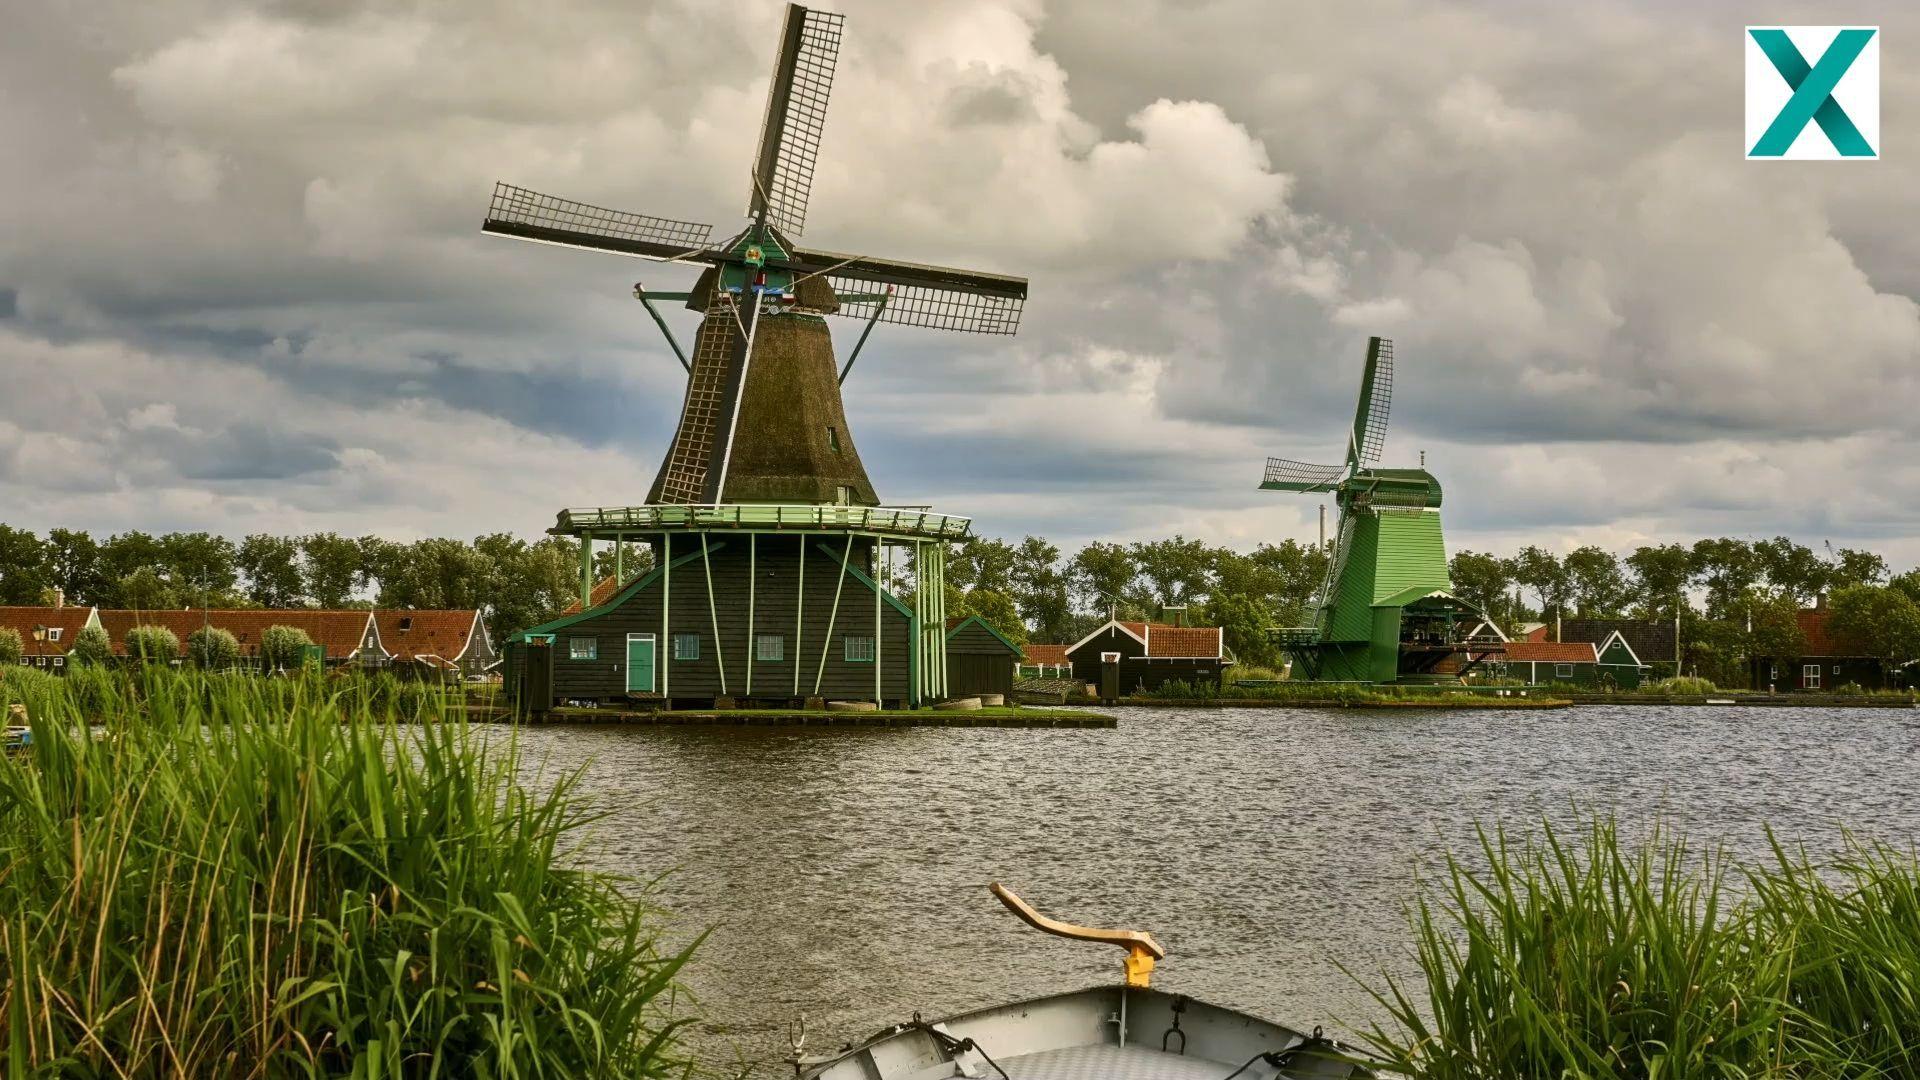 Risikogebiet Niederlande: Das müssen Reisende wissen